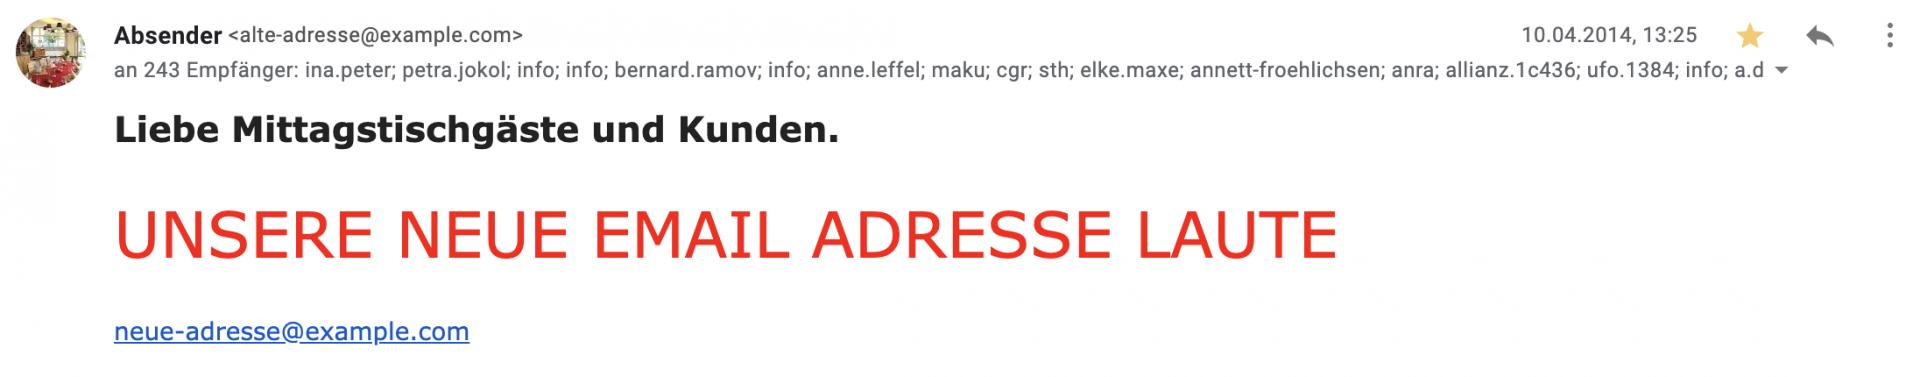 Eine Beispiel E-Mail für eine furchtbare Rundmail mit öffentlich sichtbaren Empfängern im CC.